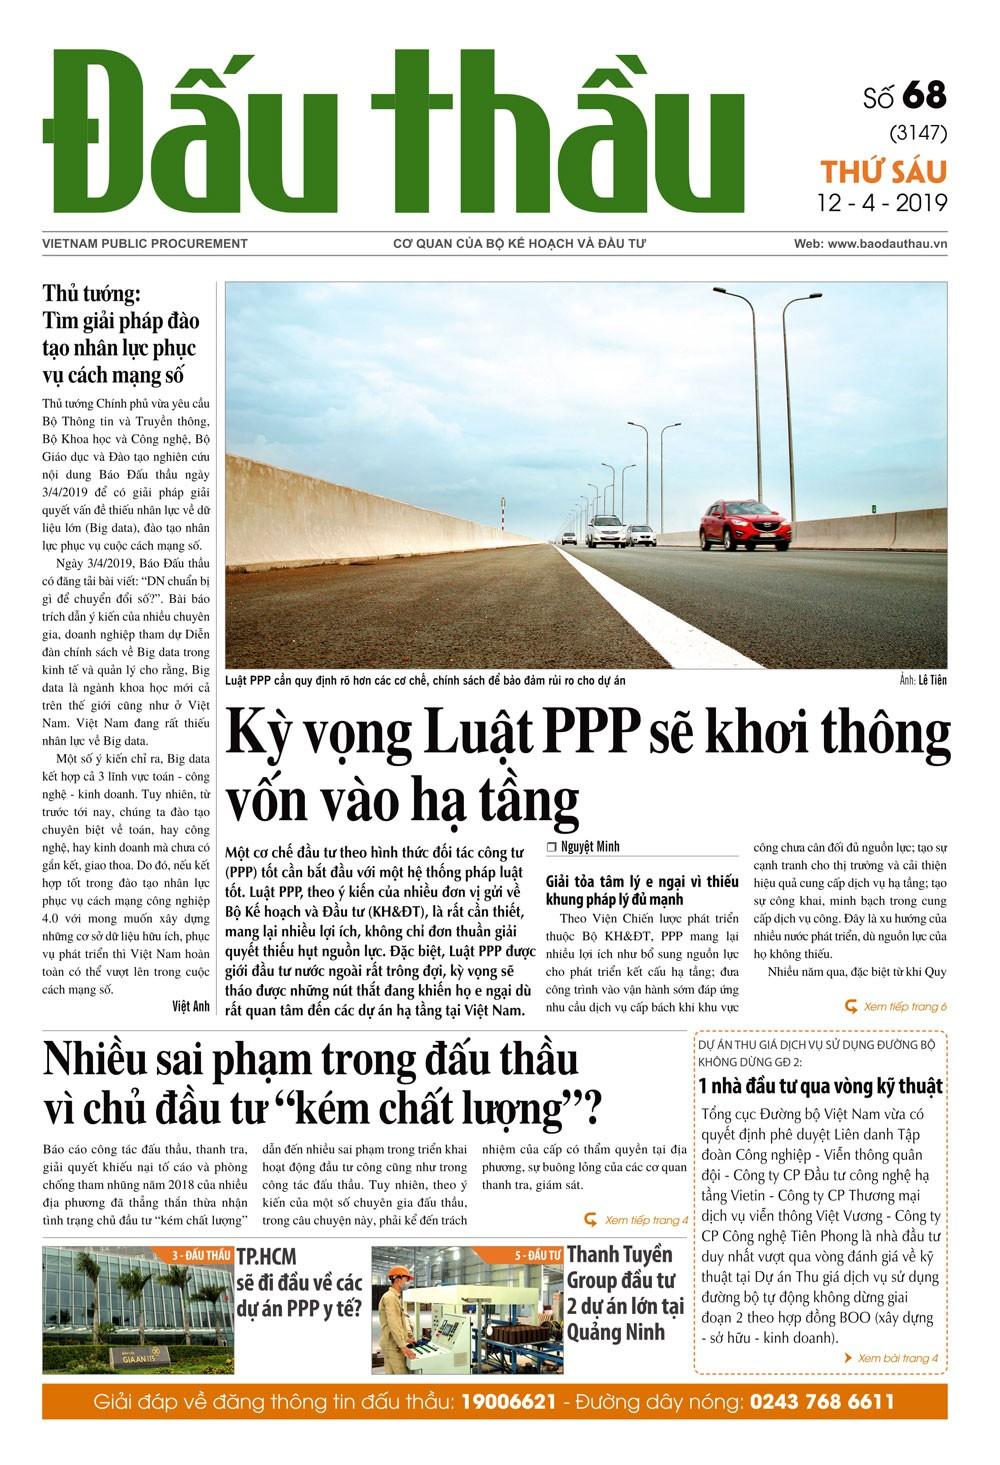 Báo Đấu thầu số 68 ra ngày 12/4/2019